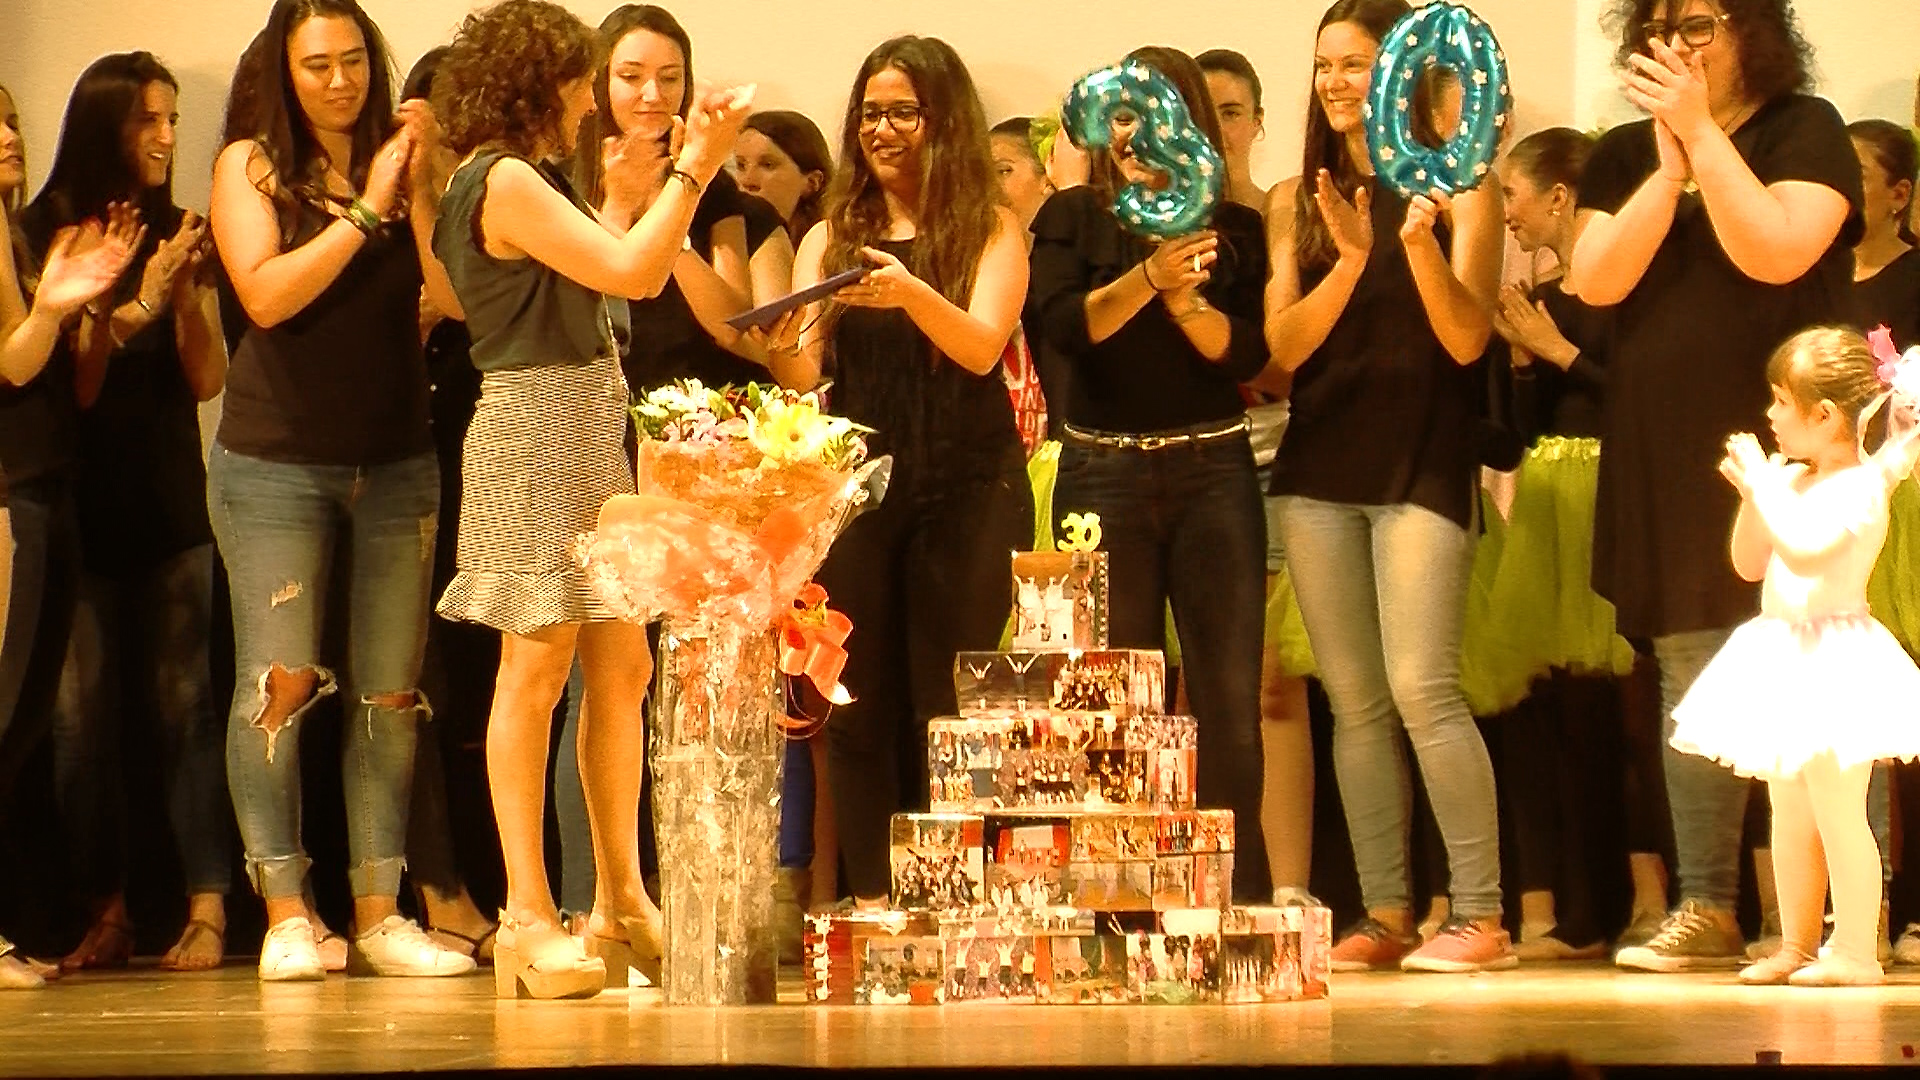 Festival Estil Dansa.00_03_12_10.Imagen fija005